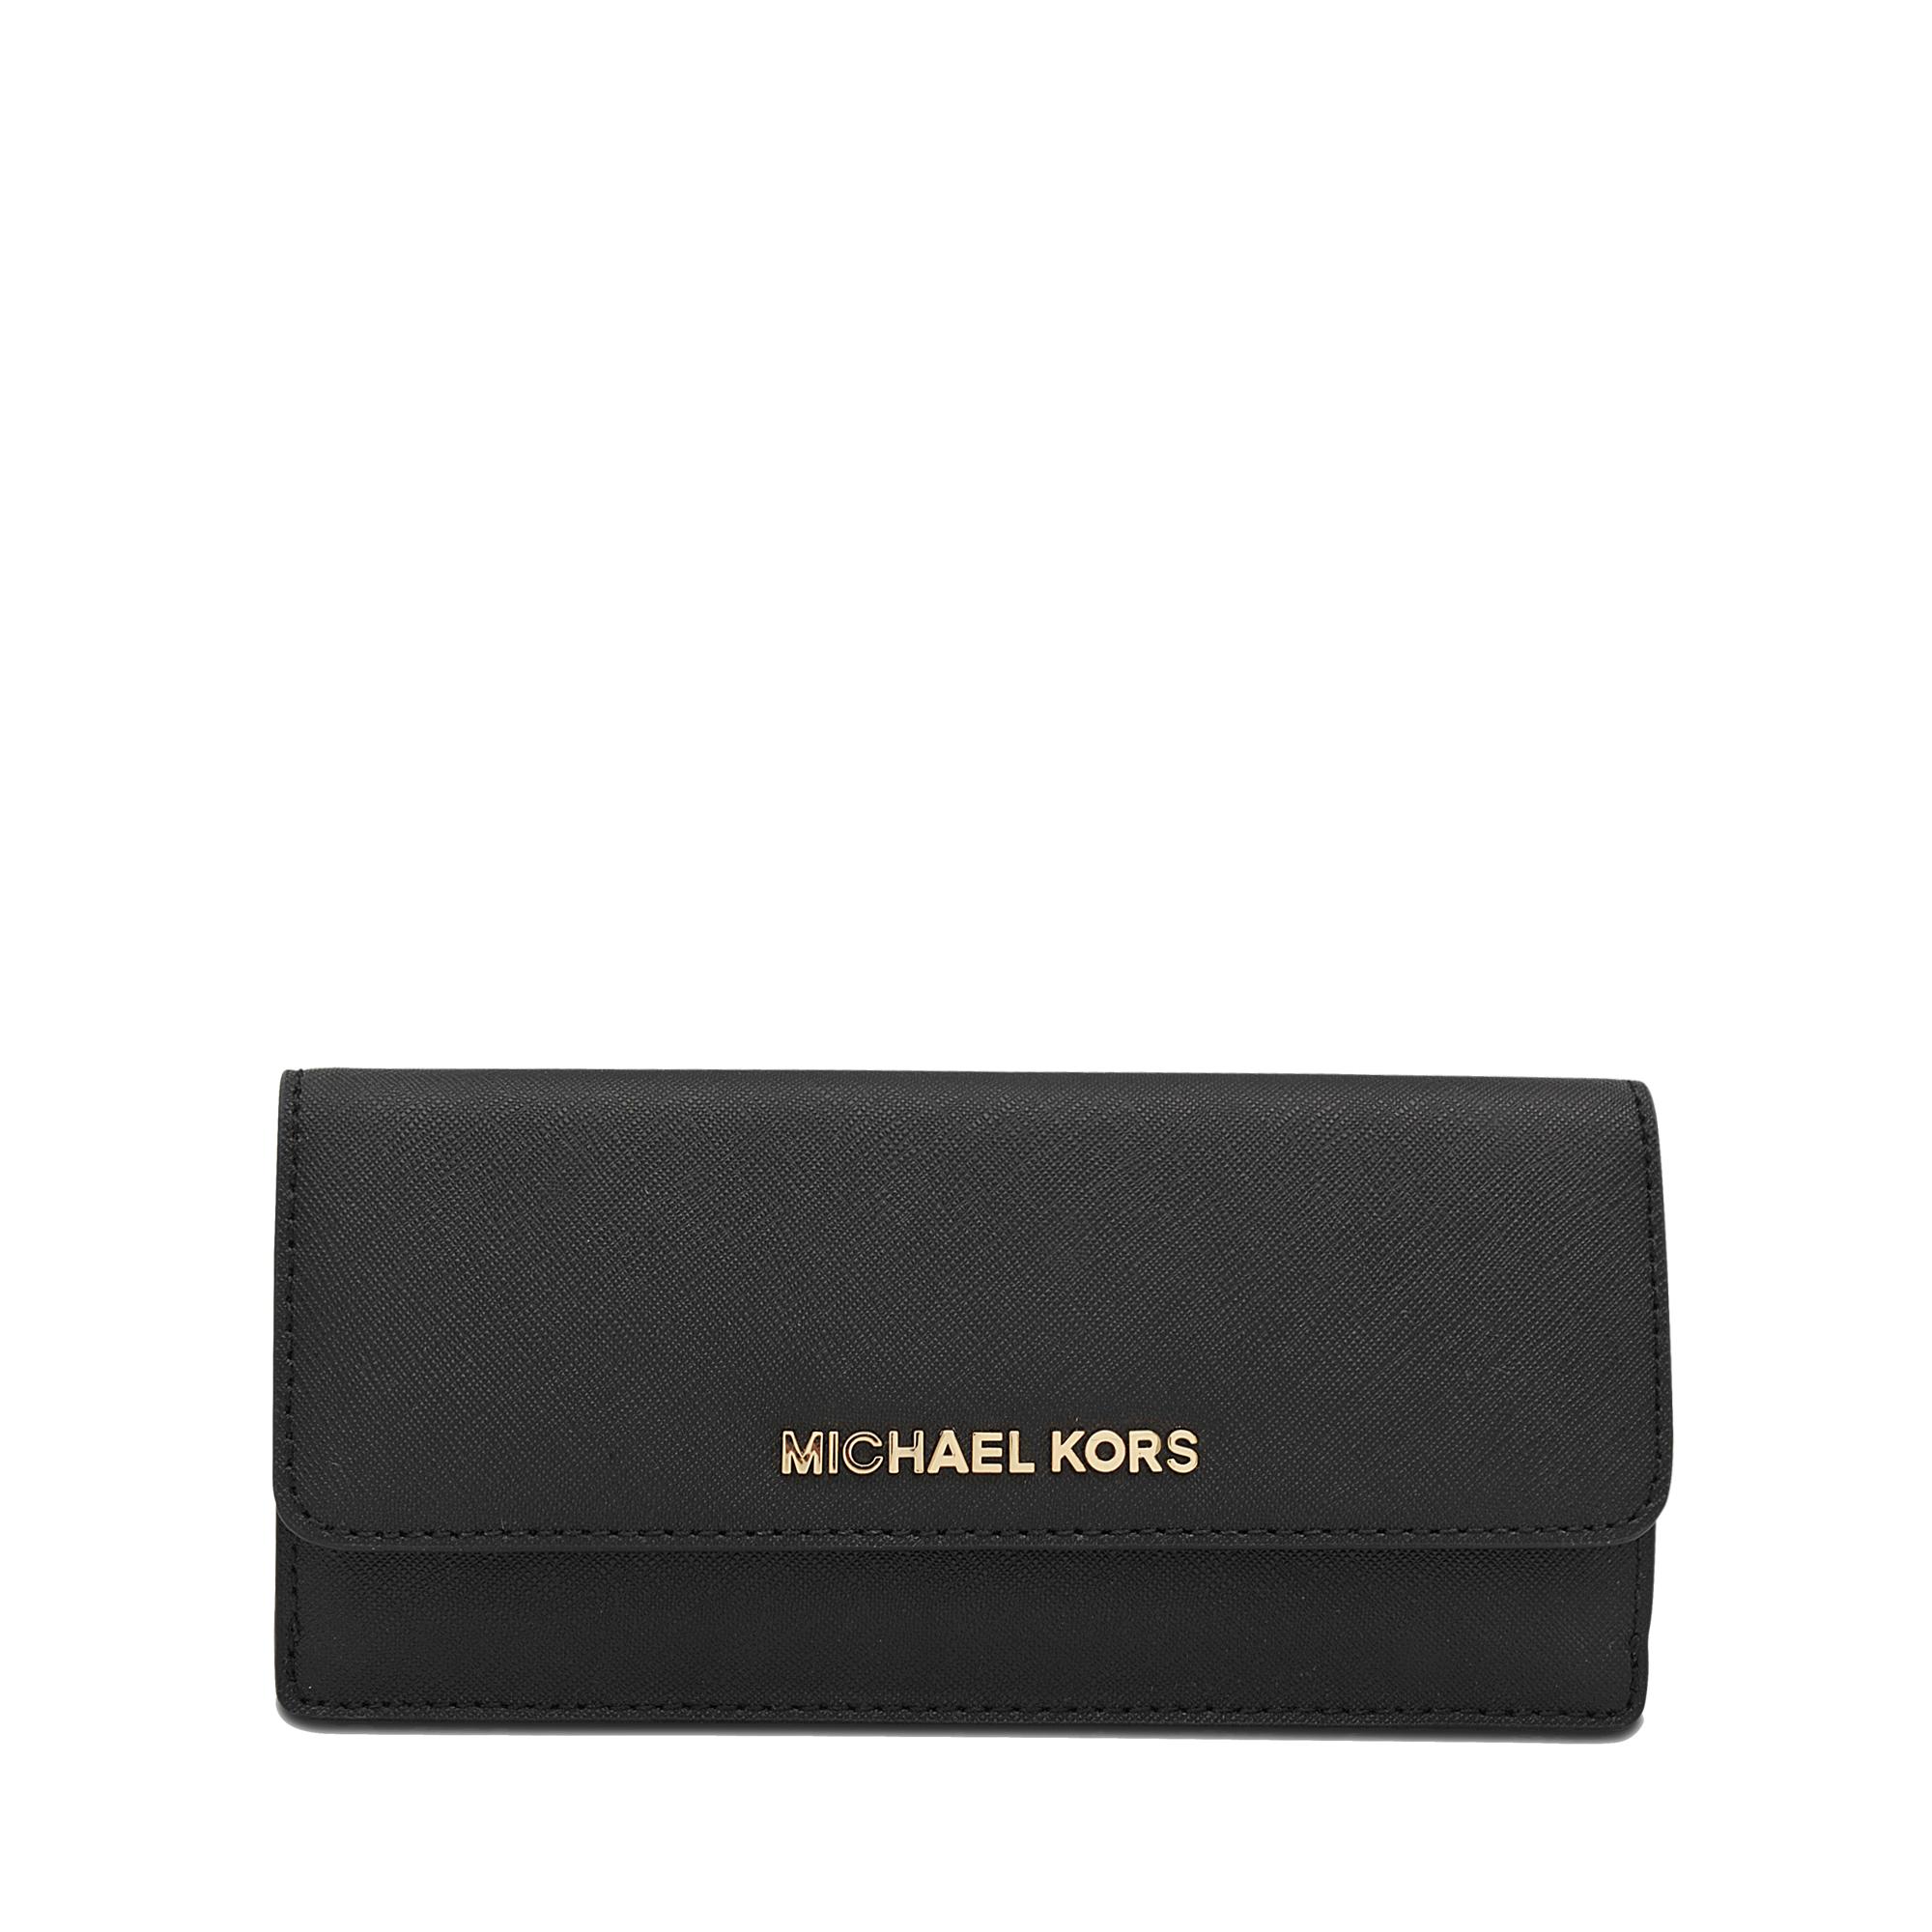 michael kors jet set travel flat wallet 18k in black lyst. Black Bedroom Furniture Sets. Home Design Ideas